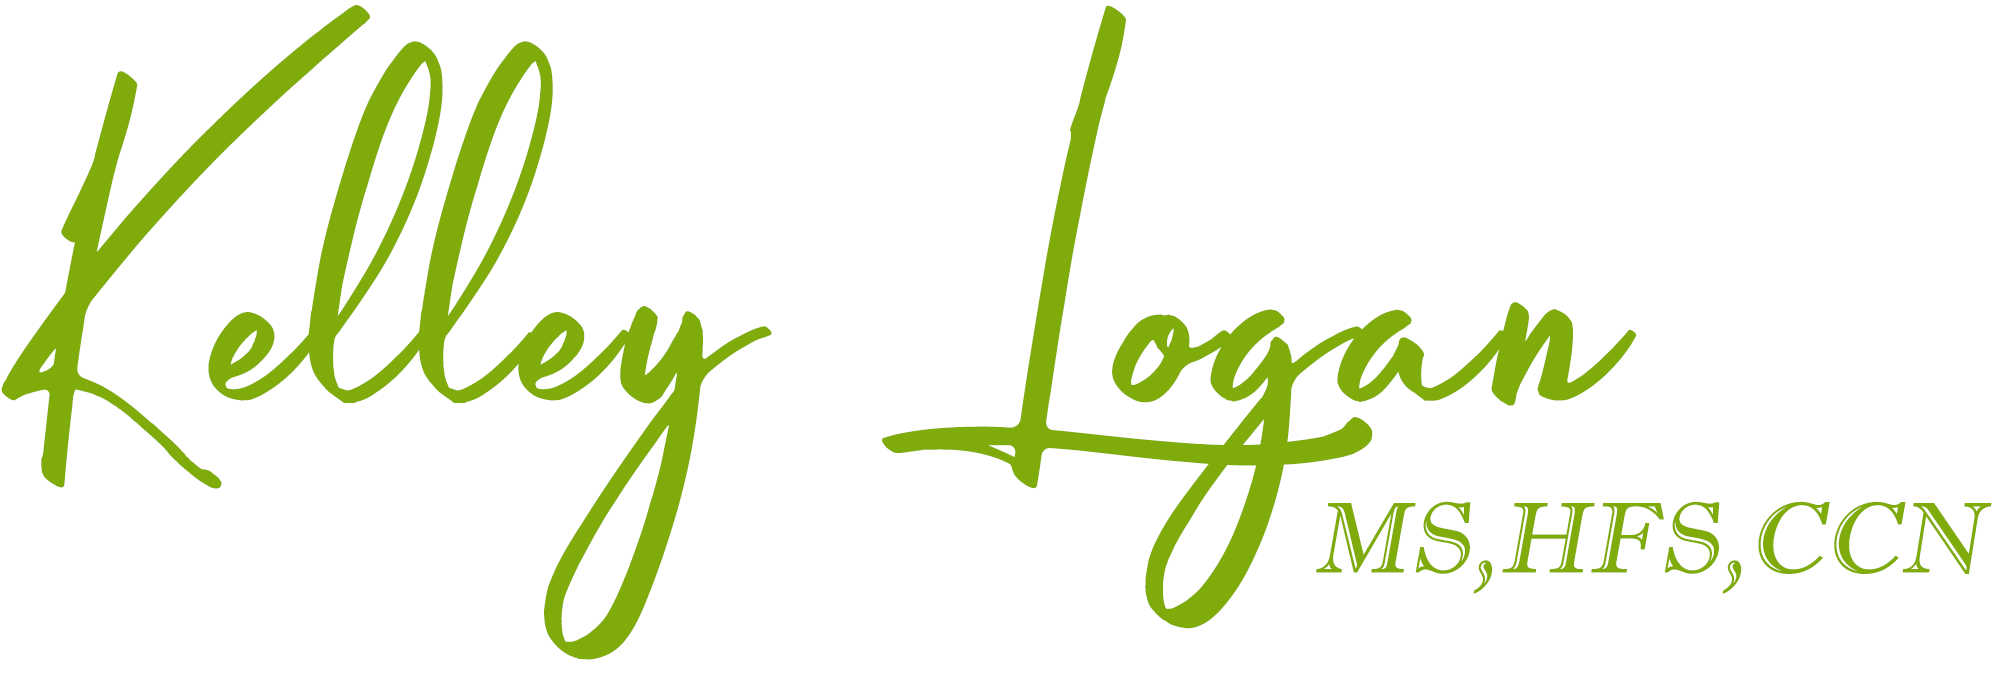 Kelley Logan Logo